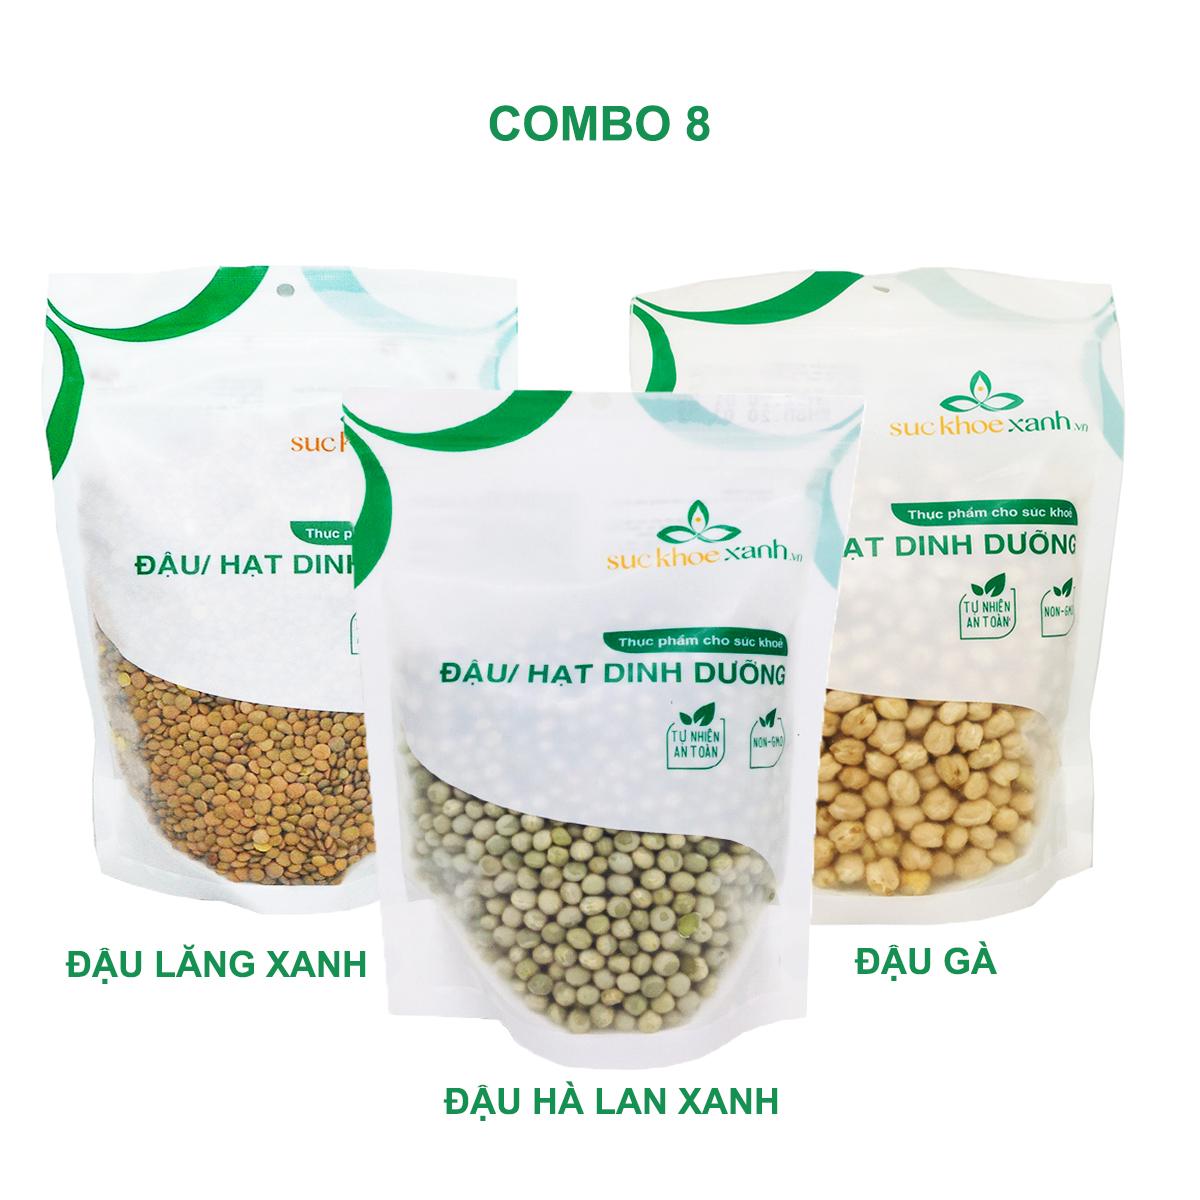 Combo 8 - Đậu gà & Đậu lăng xanh & Đậu hà lan xanh nguyên hạt (mỗi túi 500g)